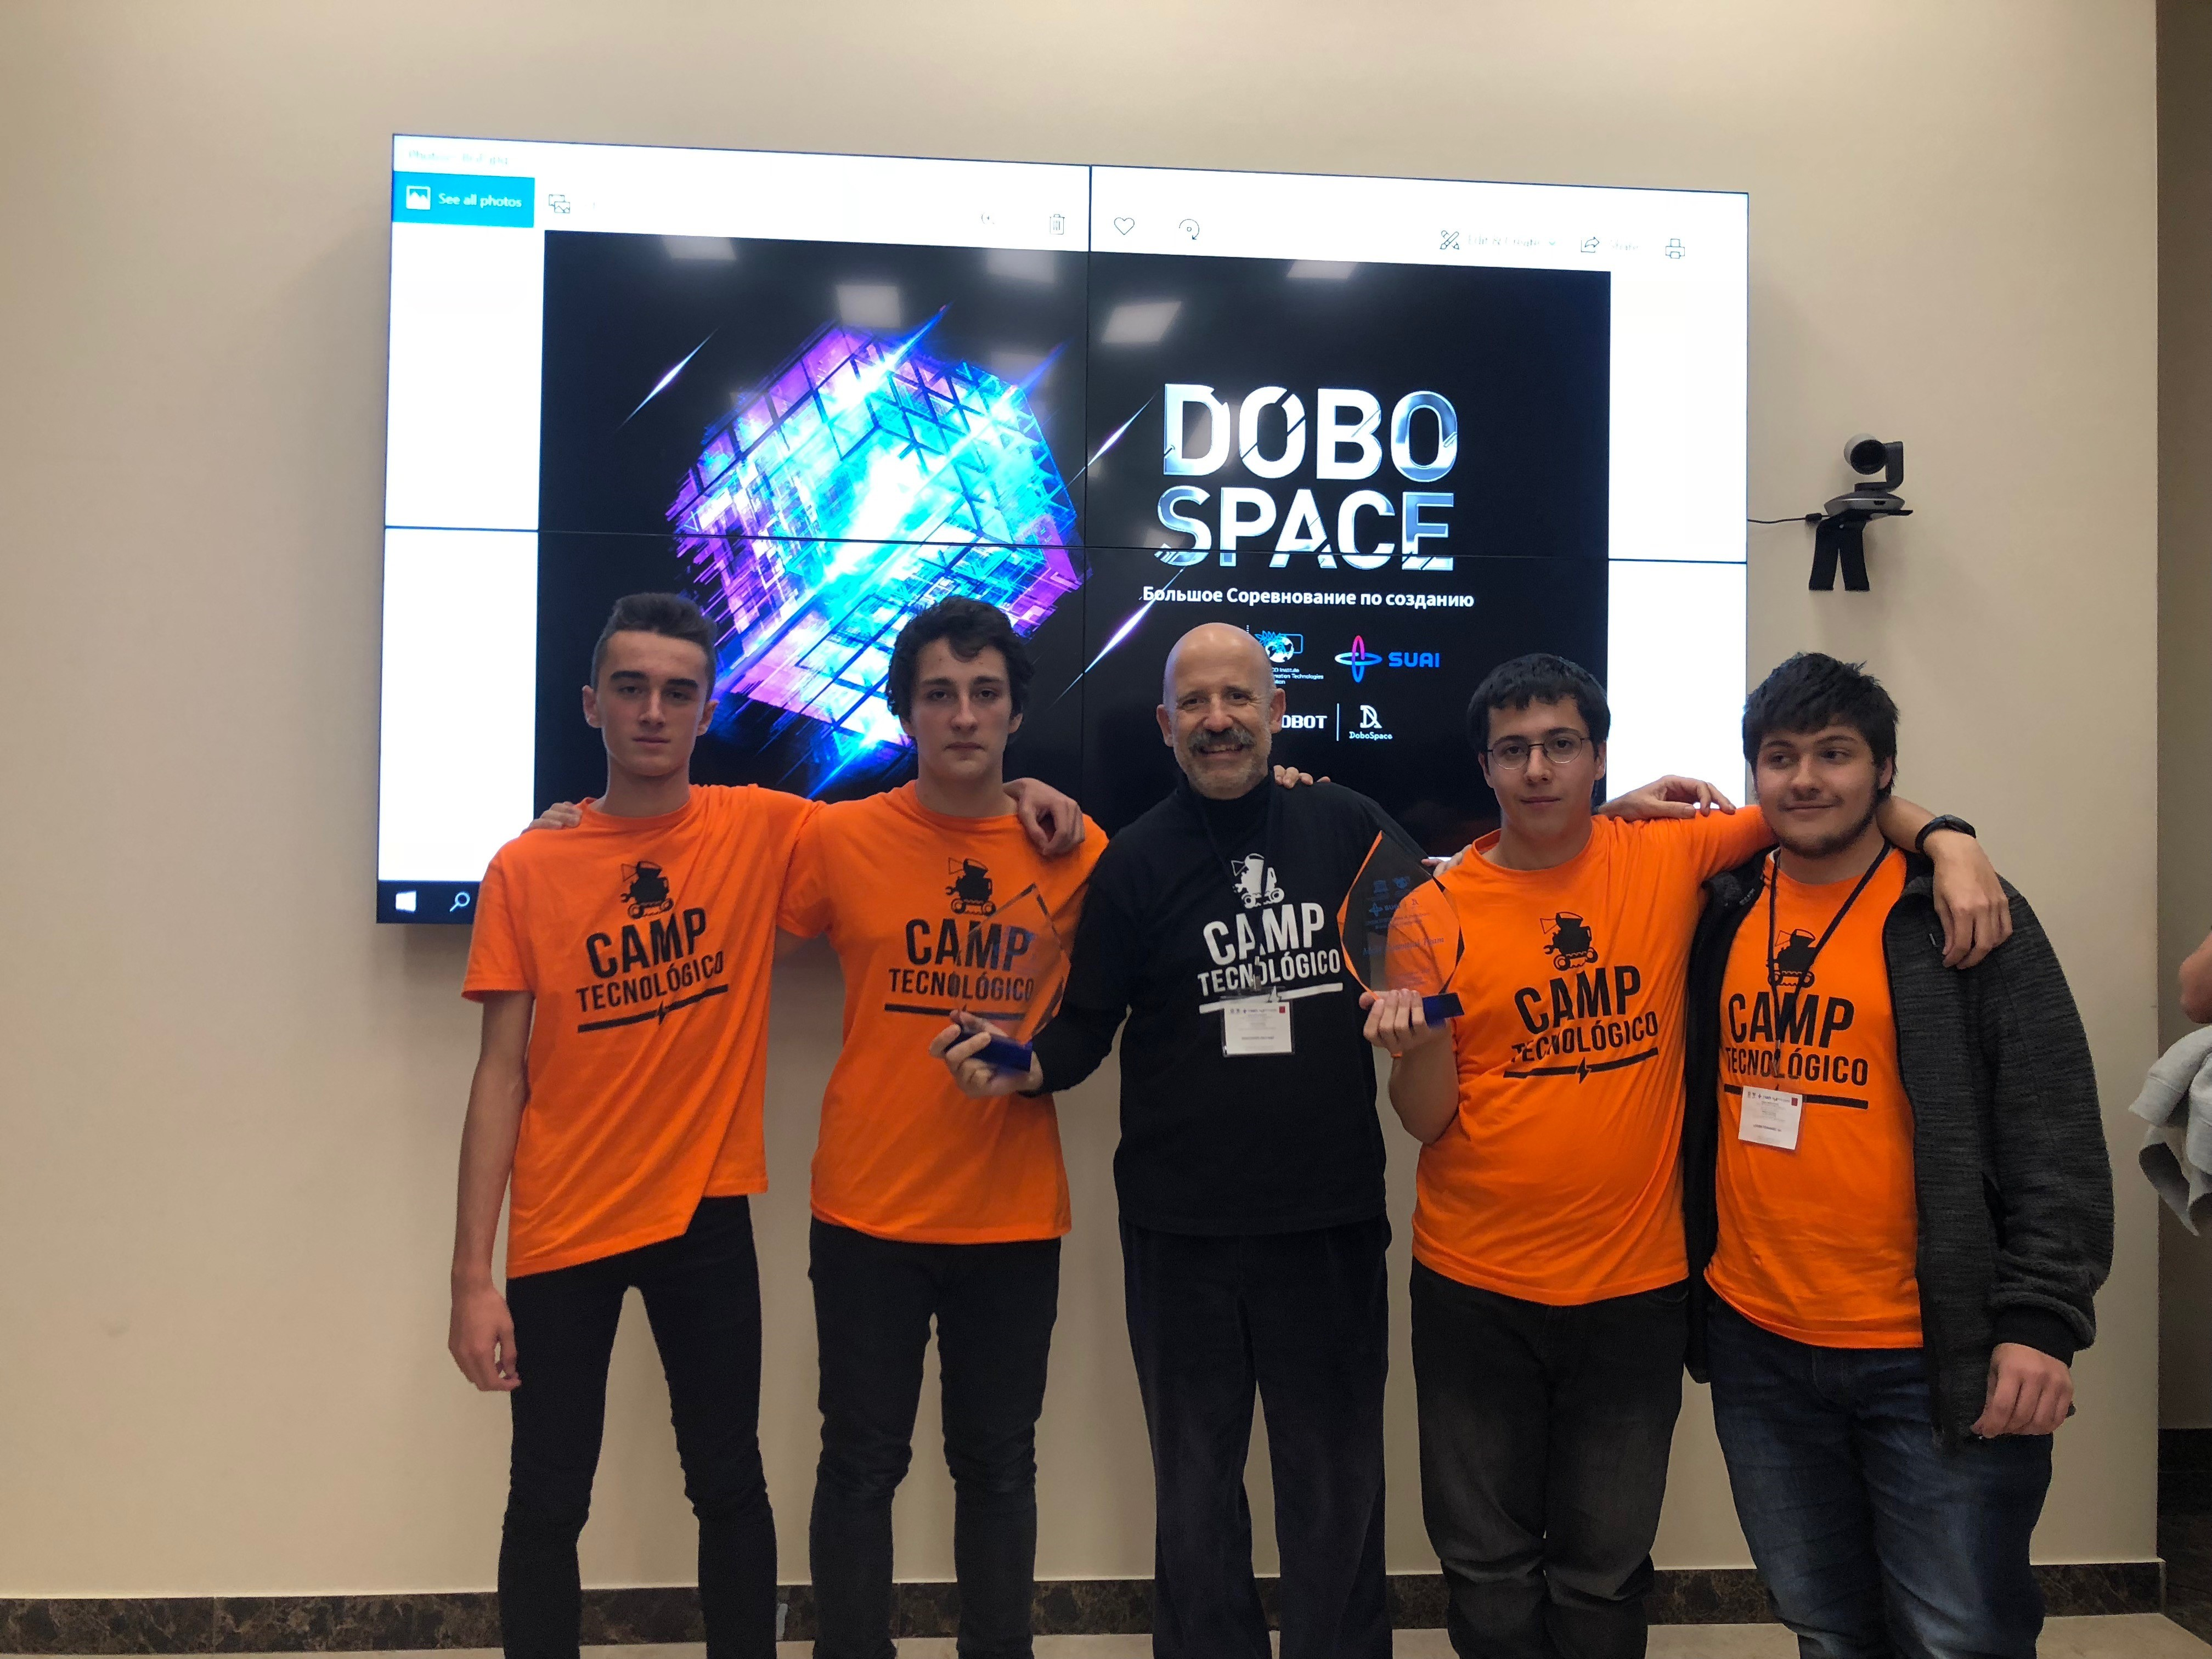 El Equipo Camp Tecnologico | Dobot Magician | UNESCO IITE 2018